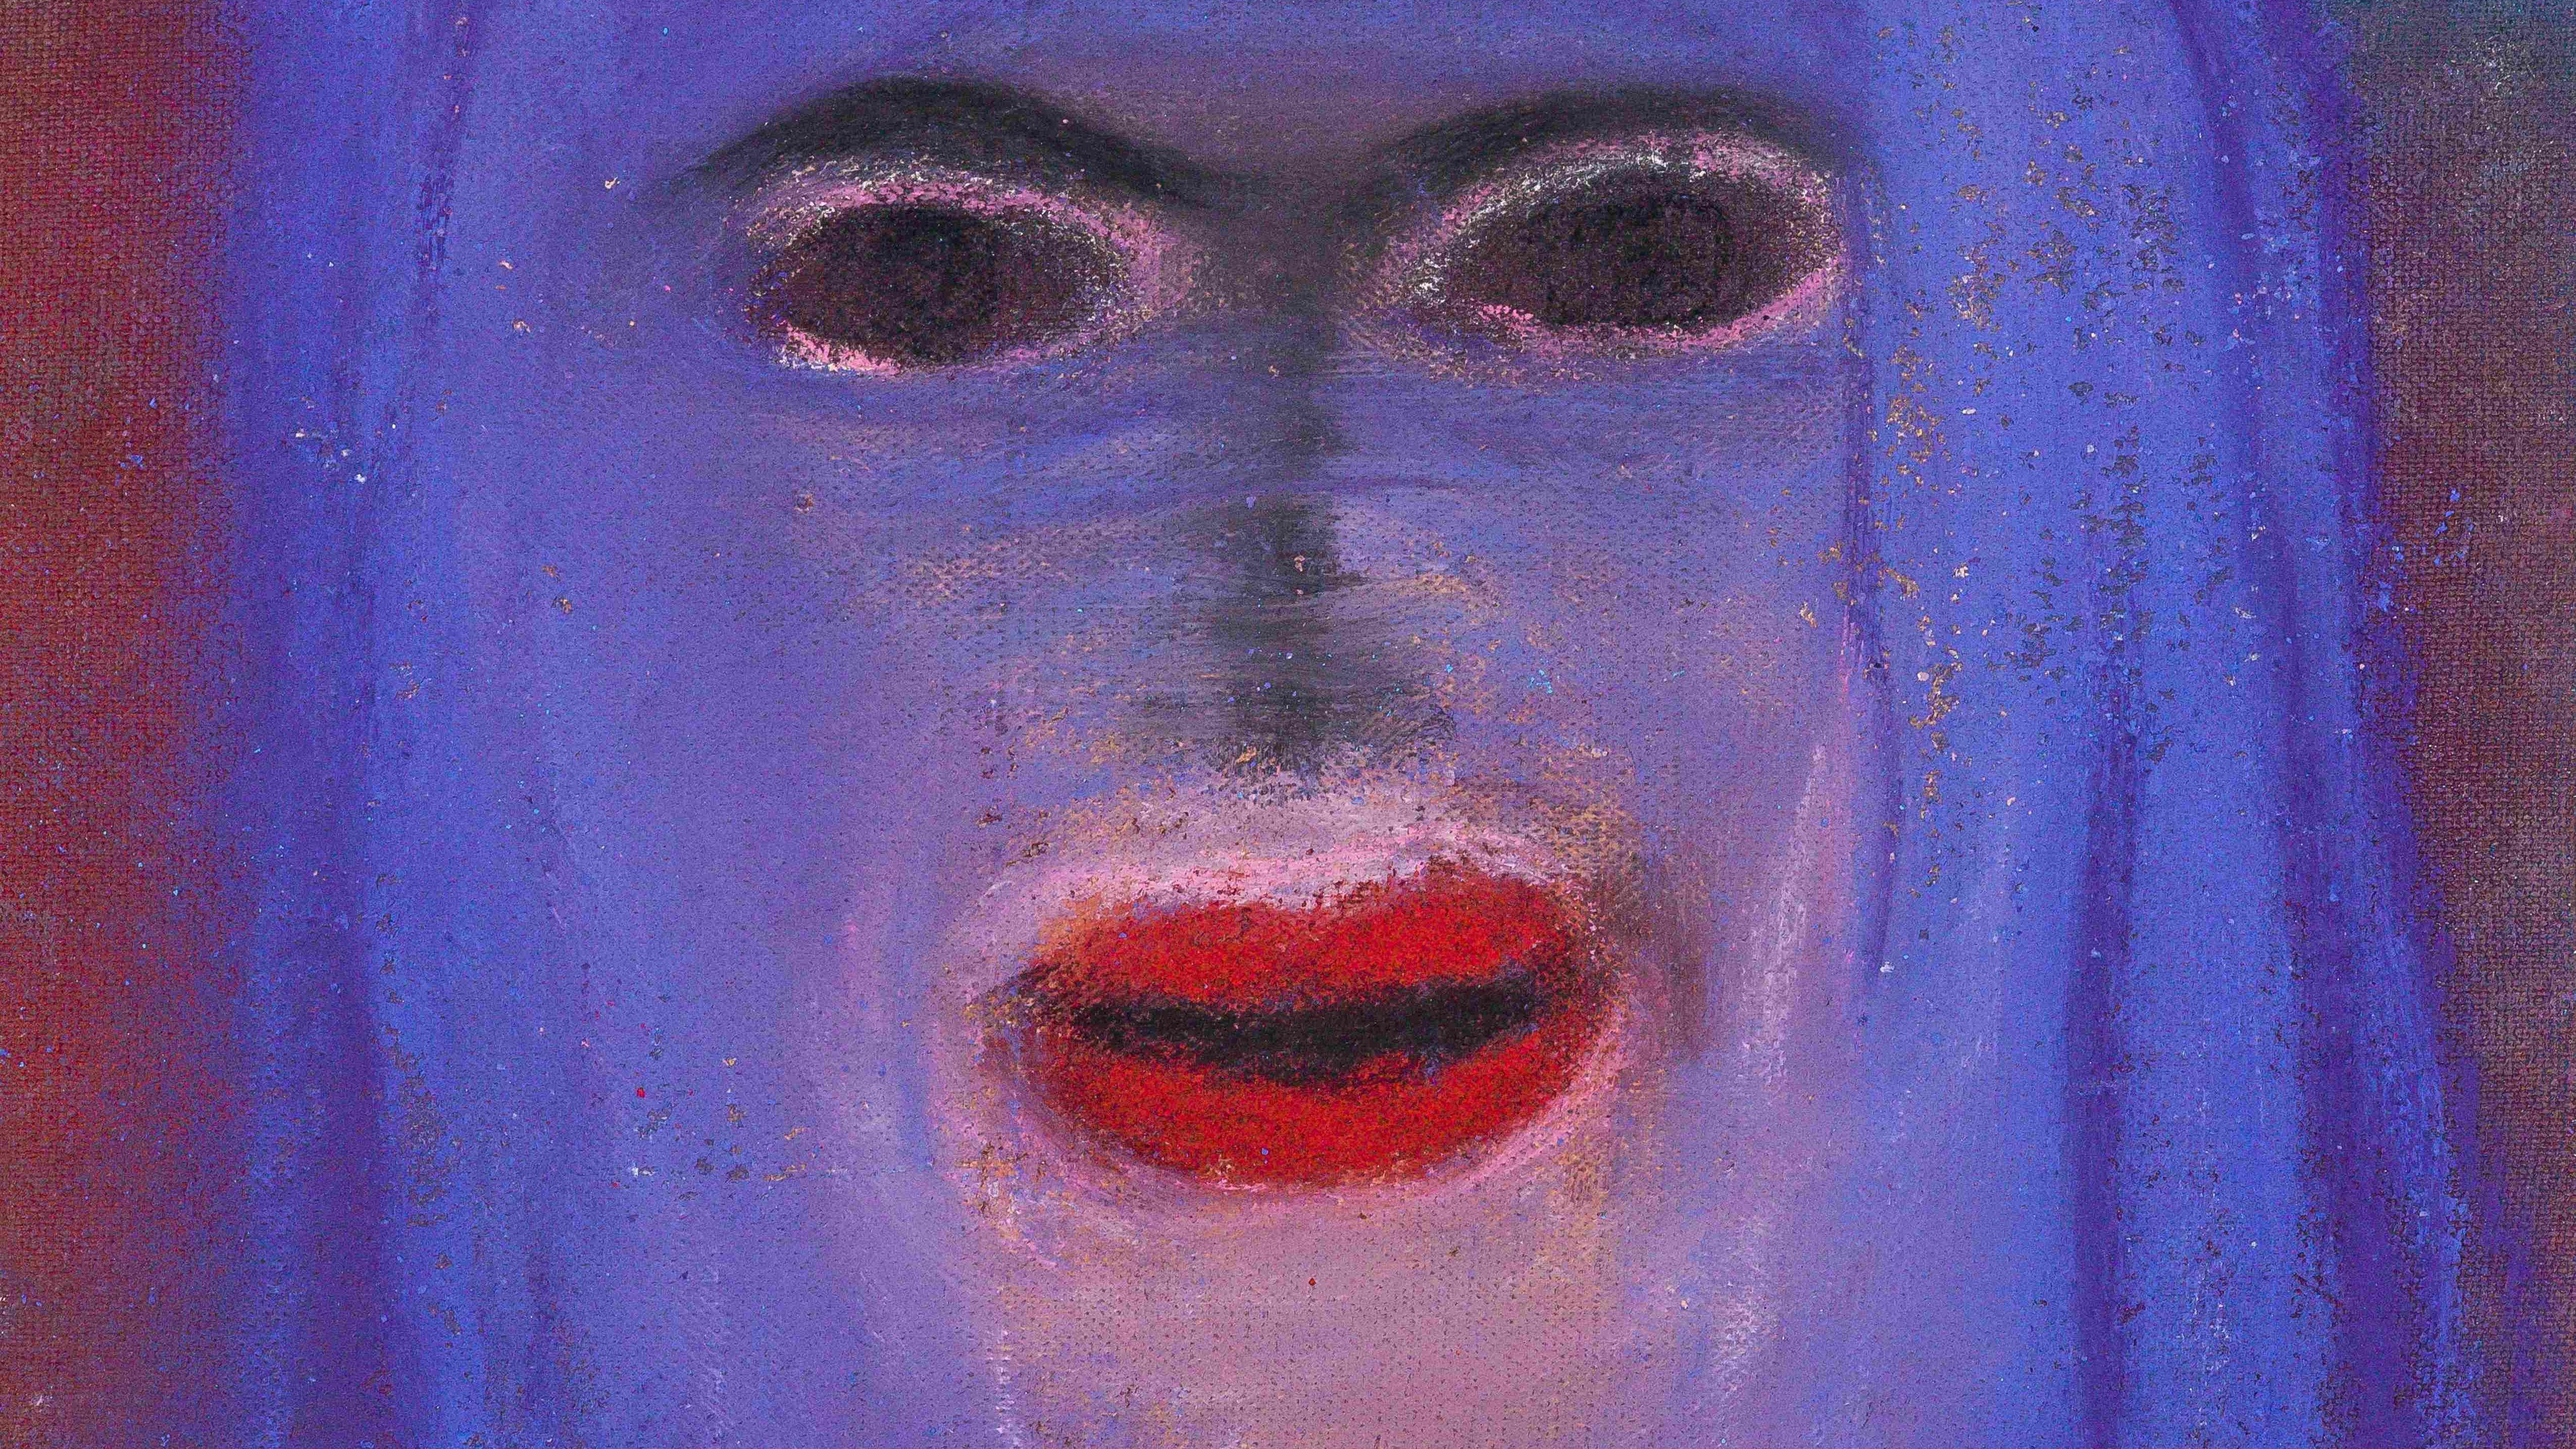 Ausschnitt aus einem Werk von Miriam Cahn ohne Titel, vom 8.7.18, Pastel und Stoff auf Papier, 28 x 32 cm